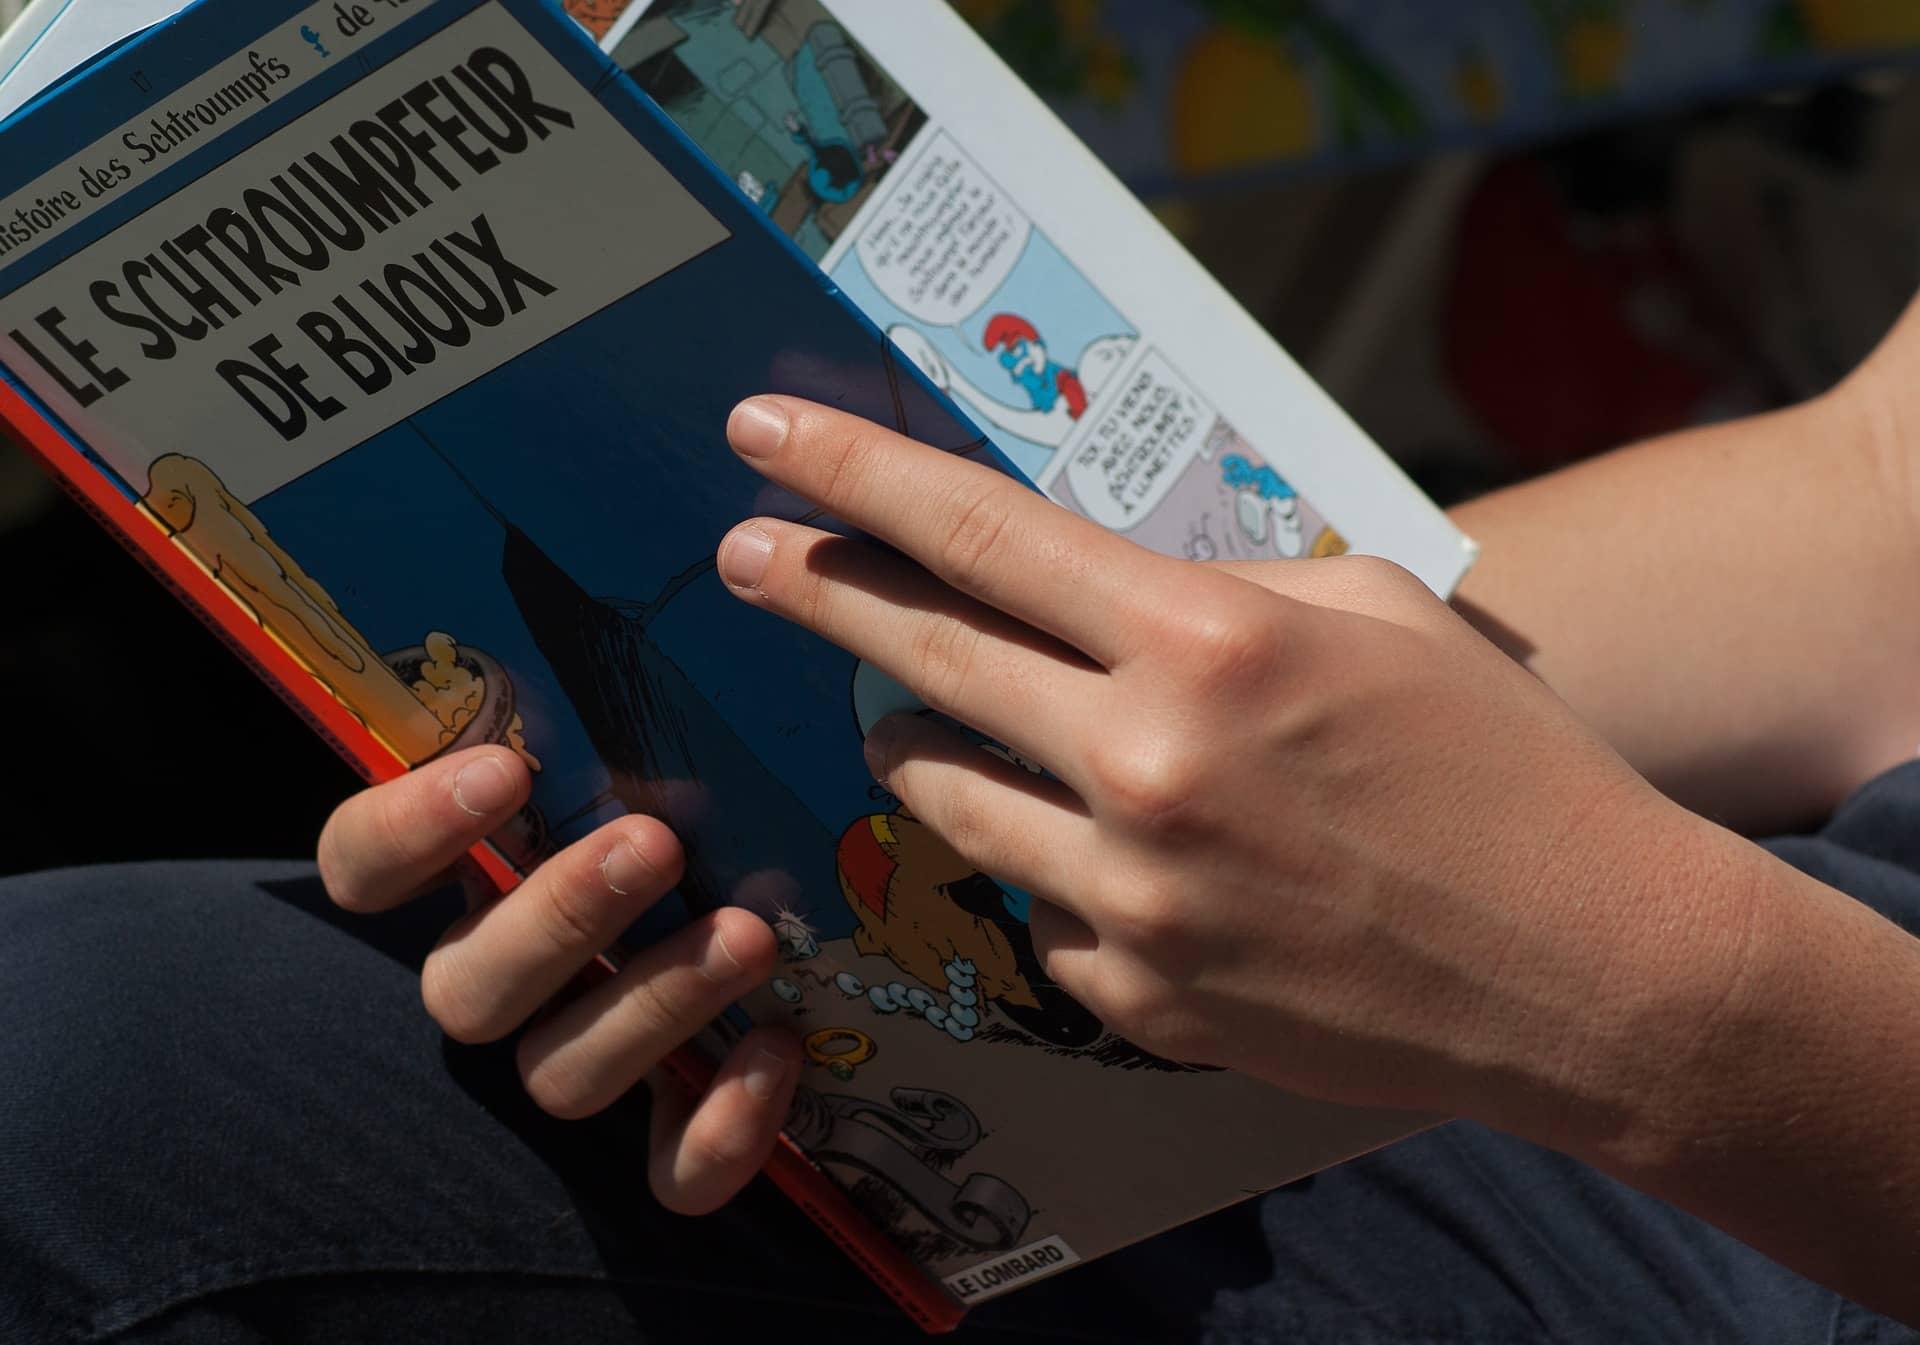 Mise en valeur et médiation de la bande dessinée |